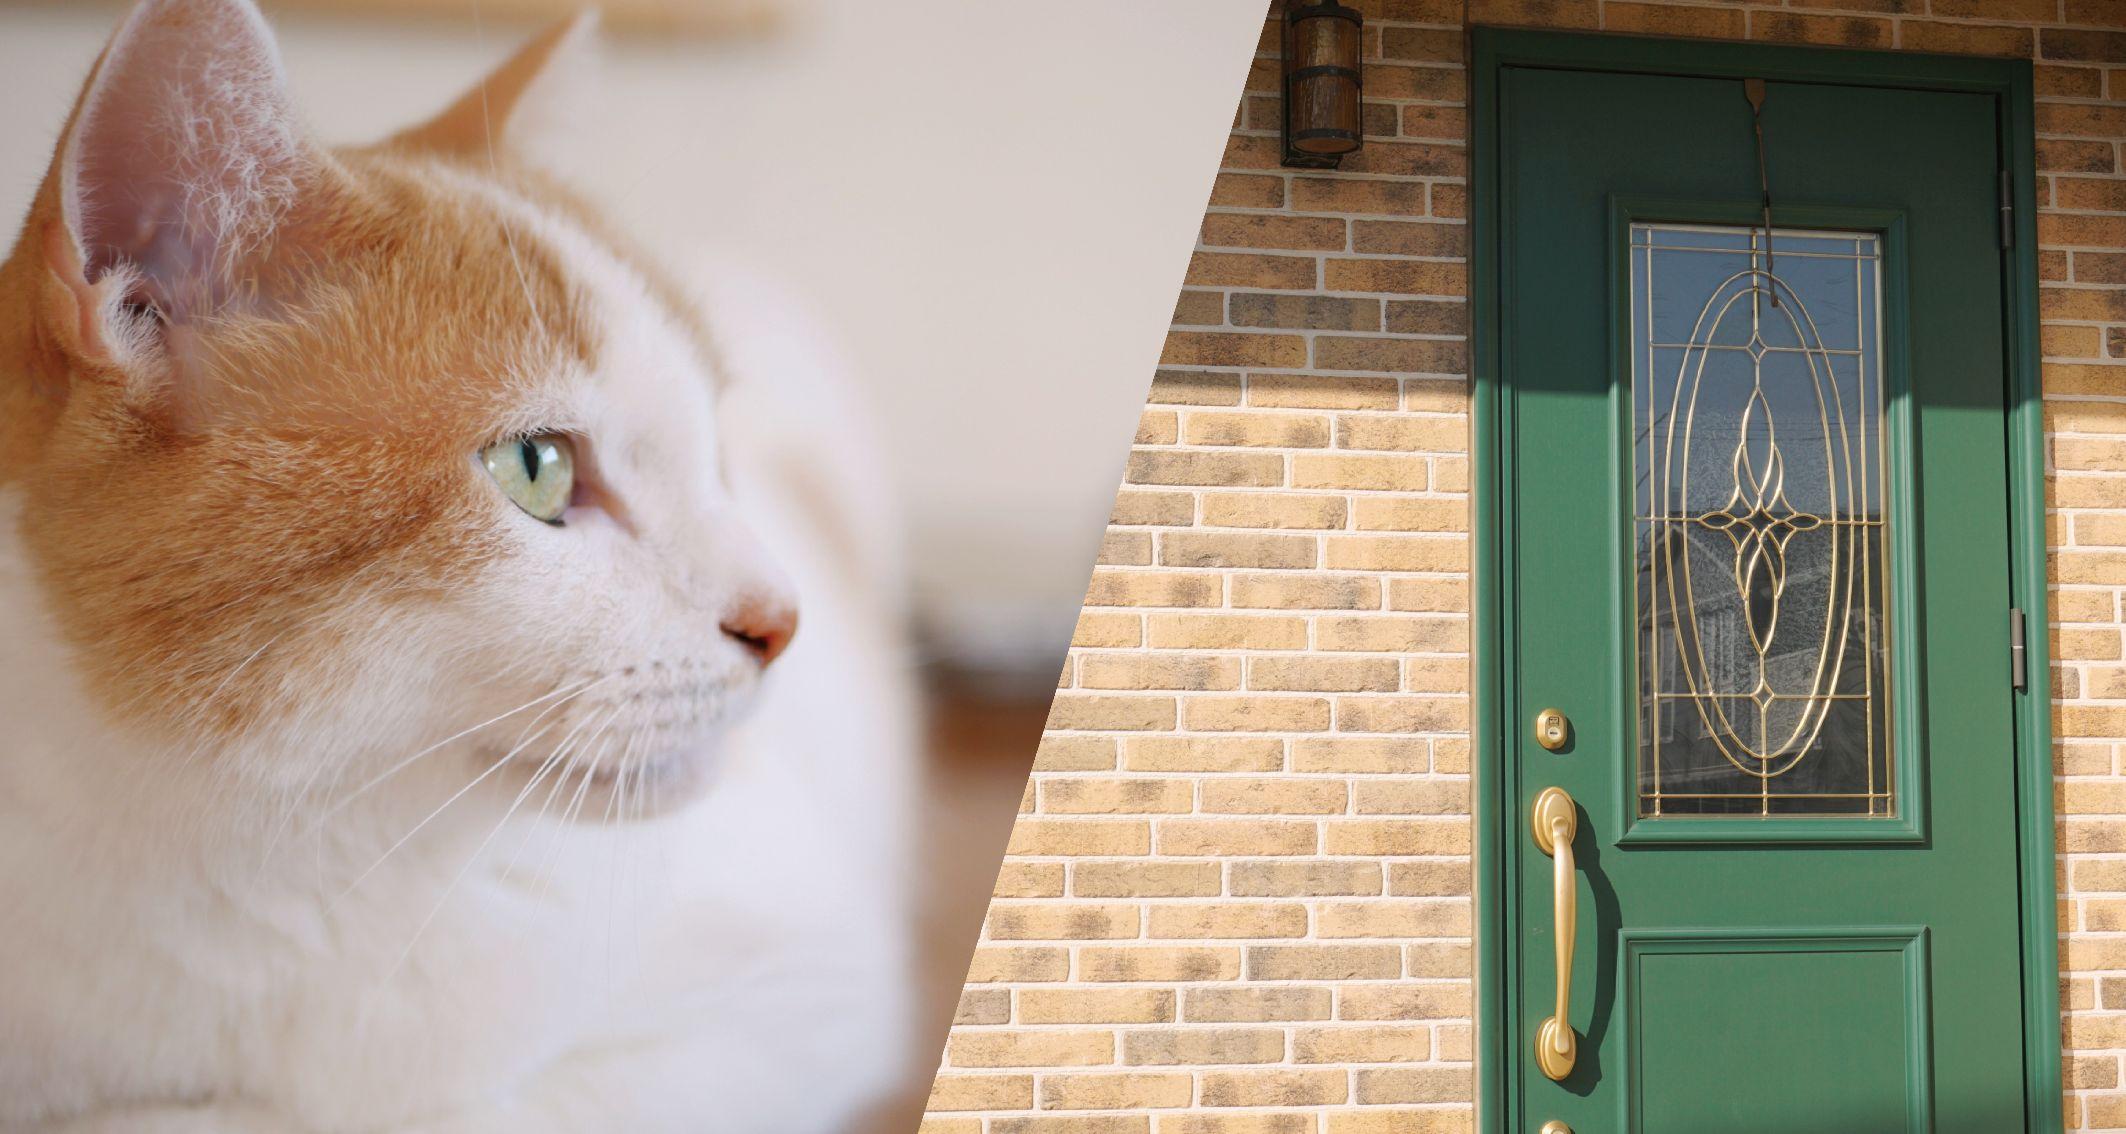 ねこと玄関ドアの写真